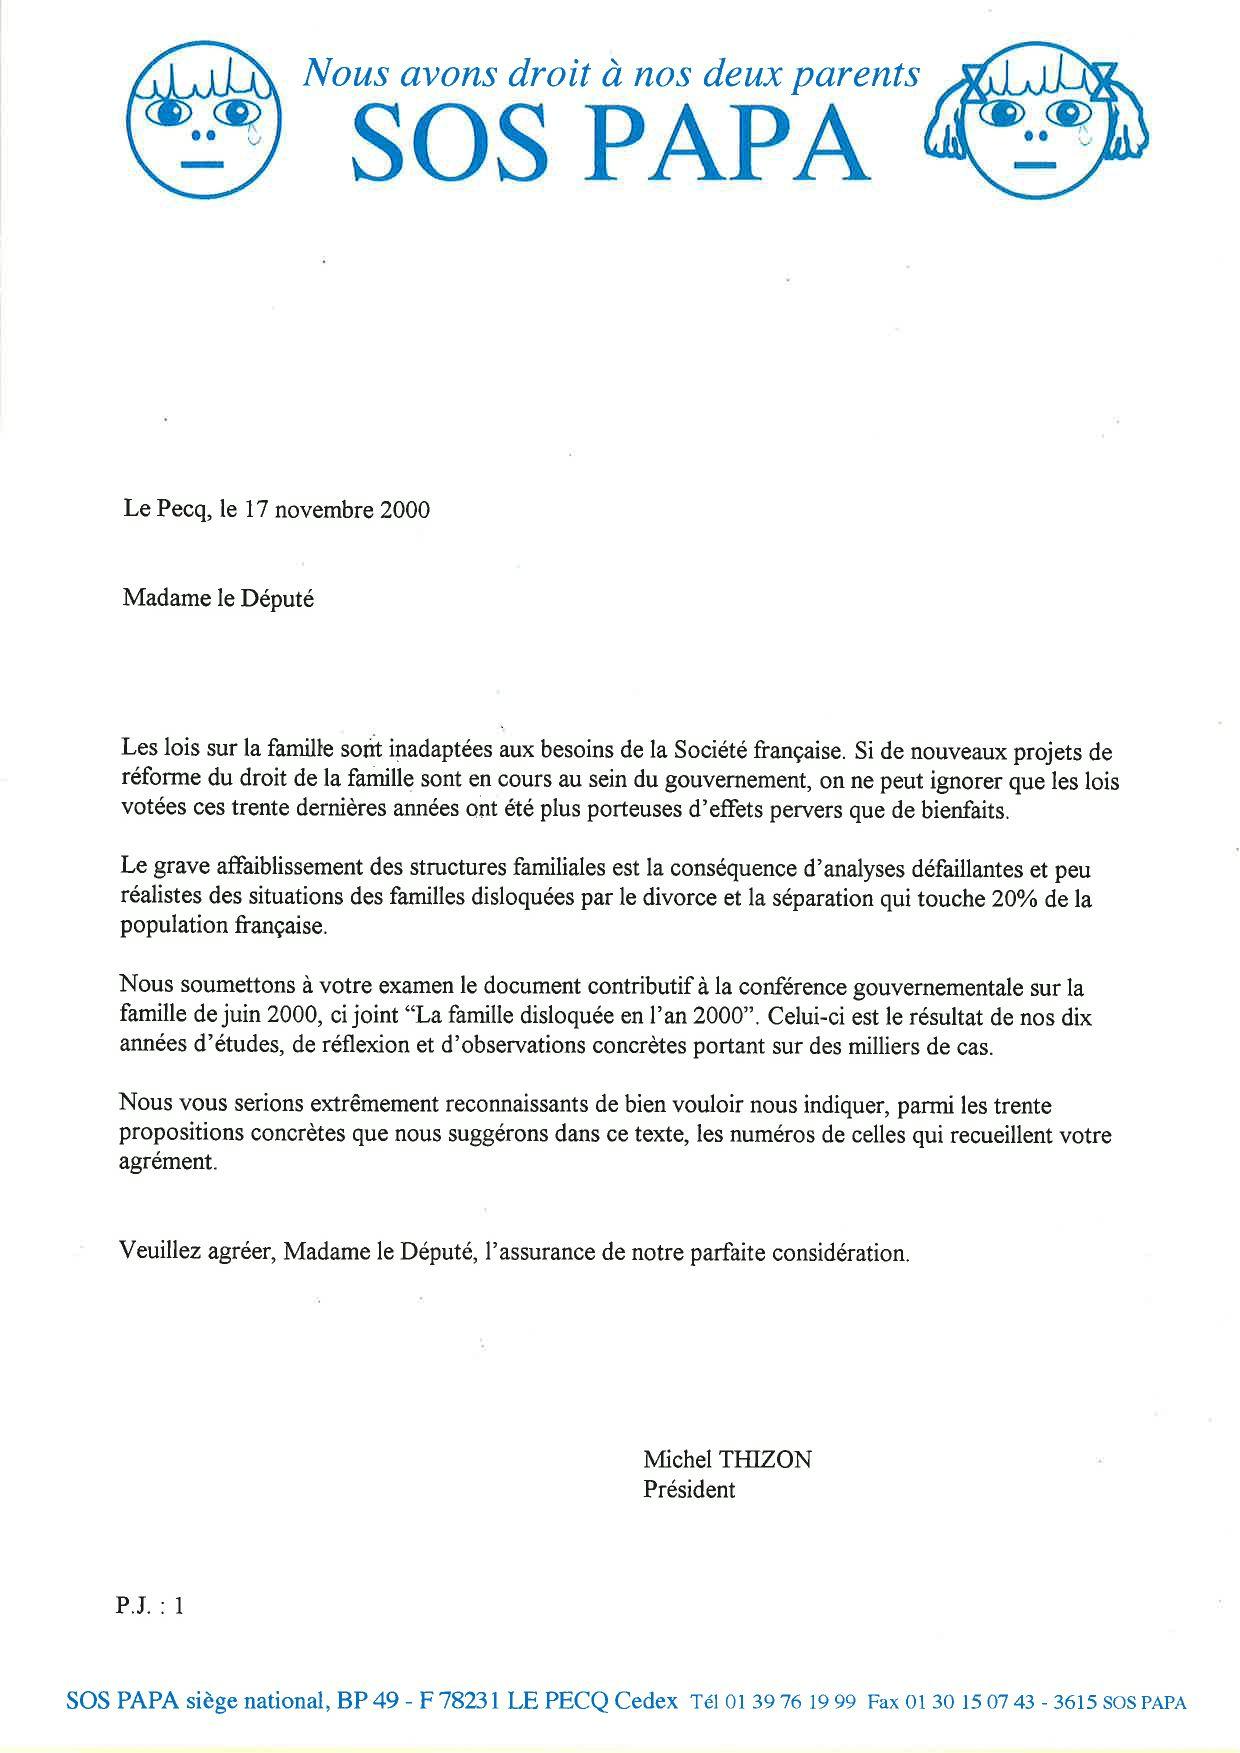 Courrier de Michel Thizon aux députées, 17/11/2000